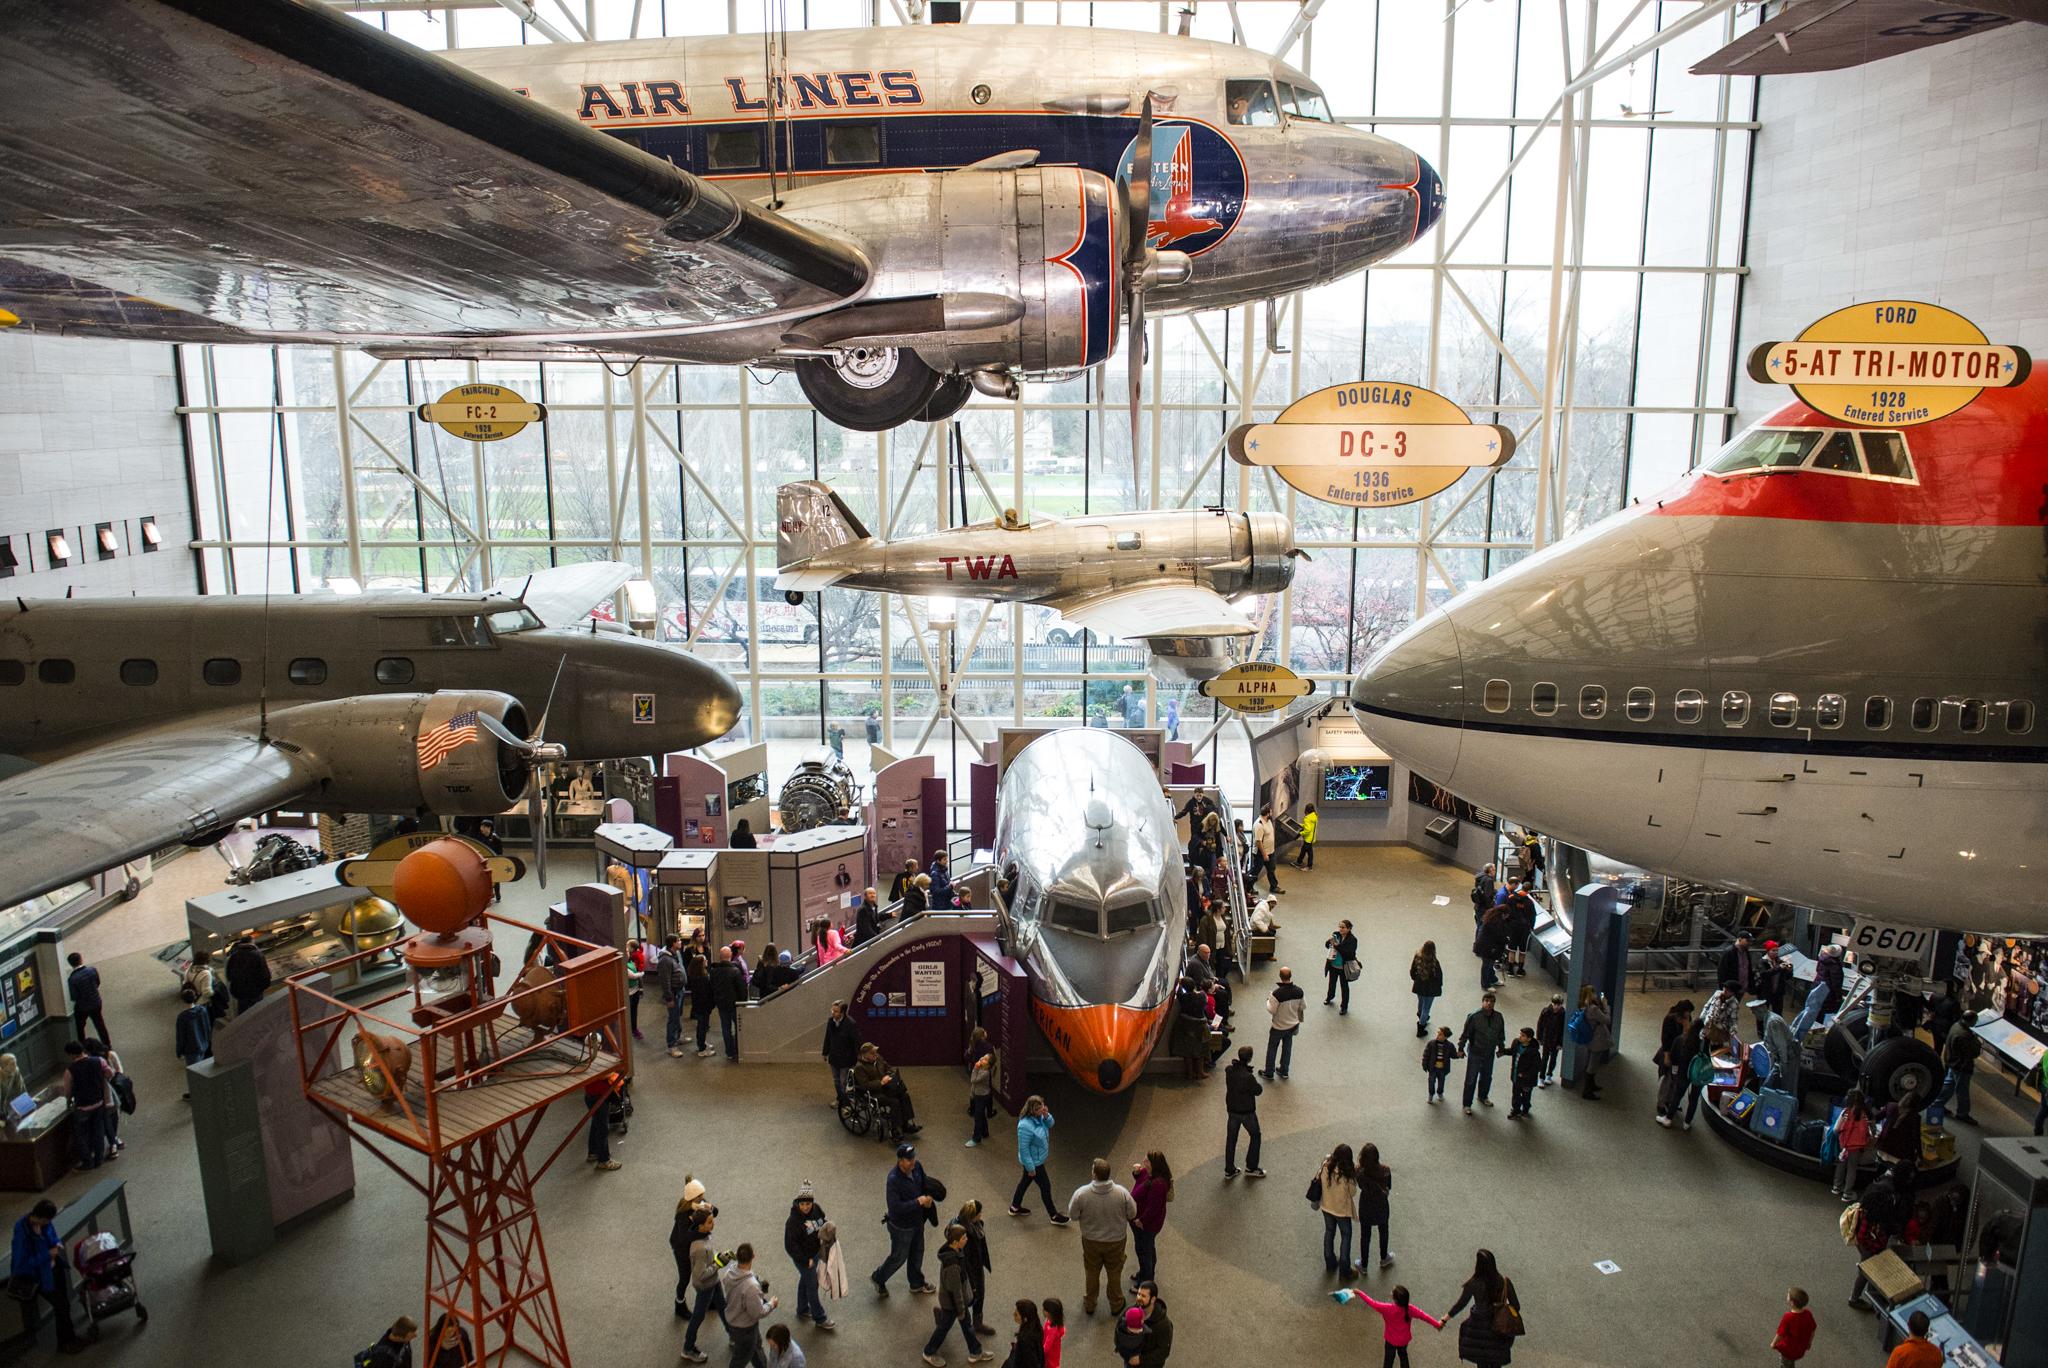 Aviões expostos em museu (© Saul Loeb/AFP/Getty Images)